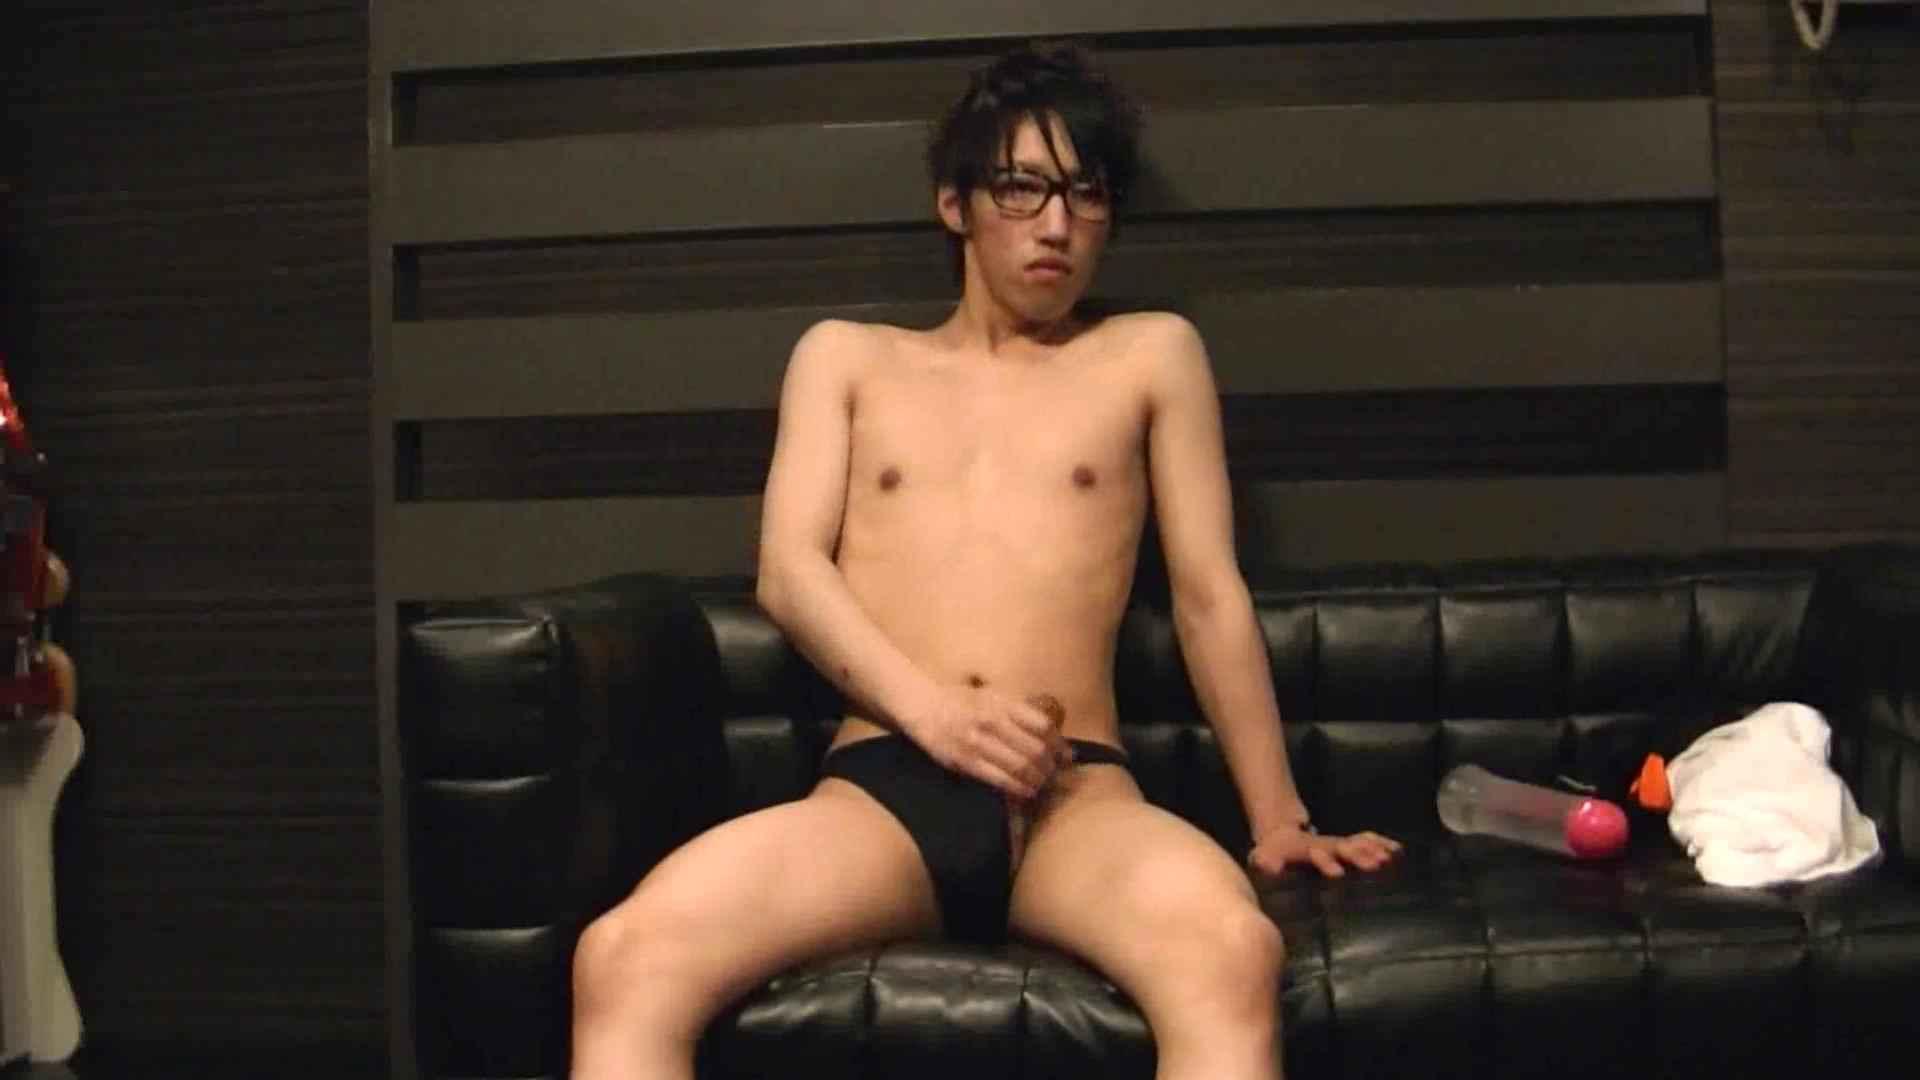 ONA見せカーニバル!! Vol3 男の世界  98画像 40